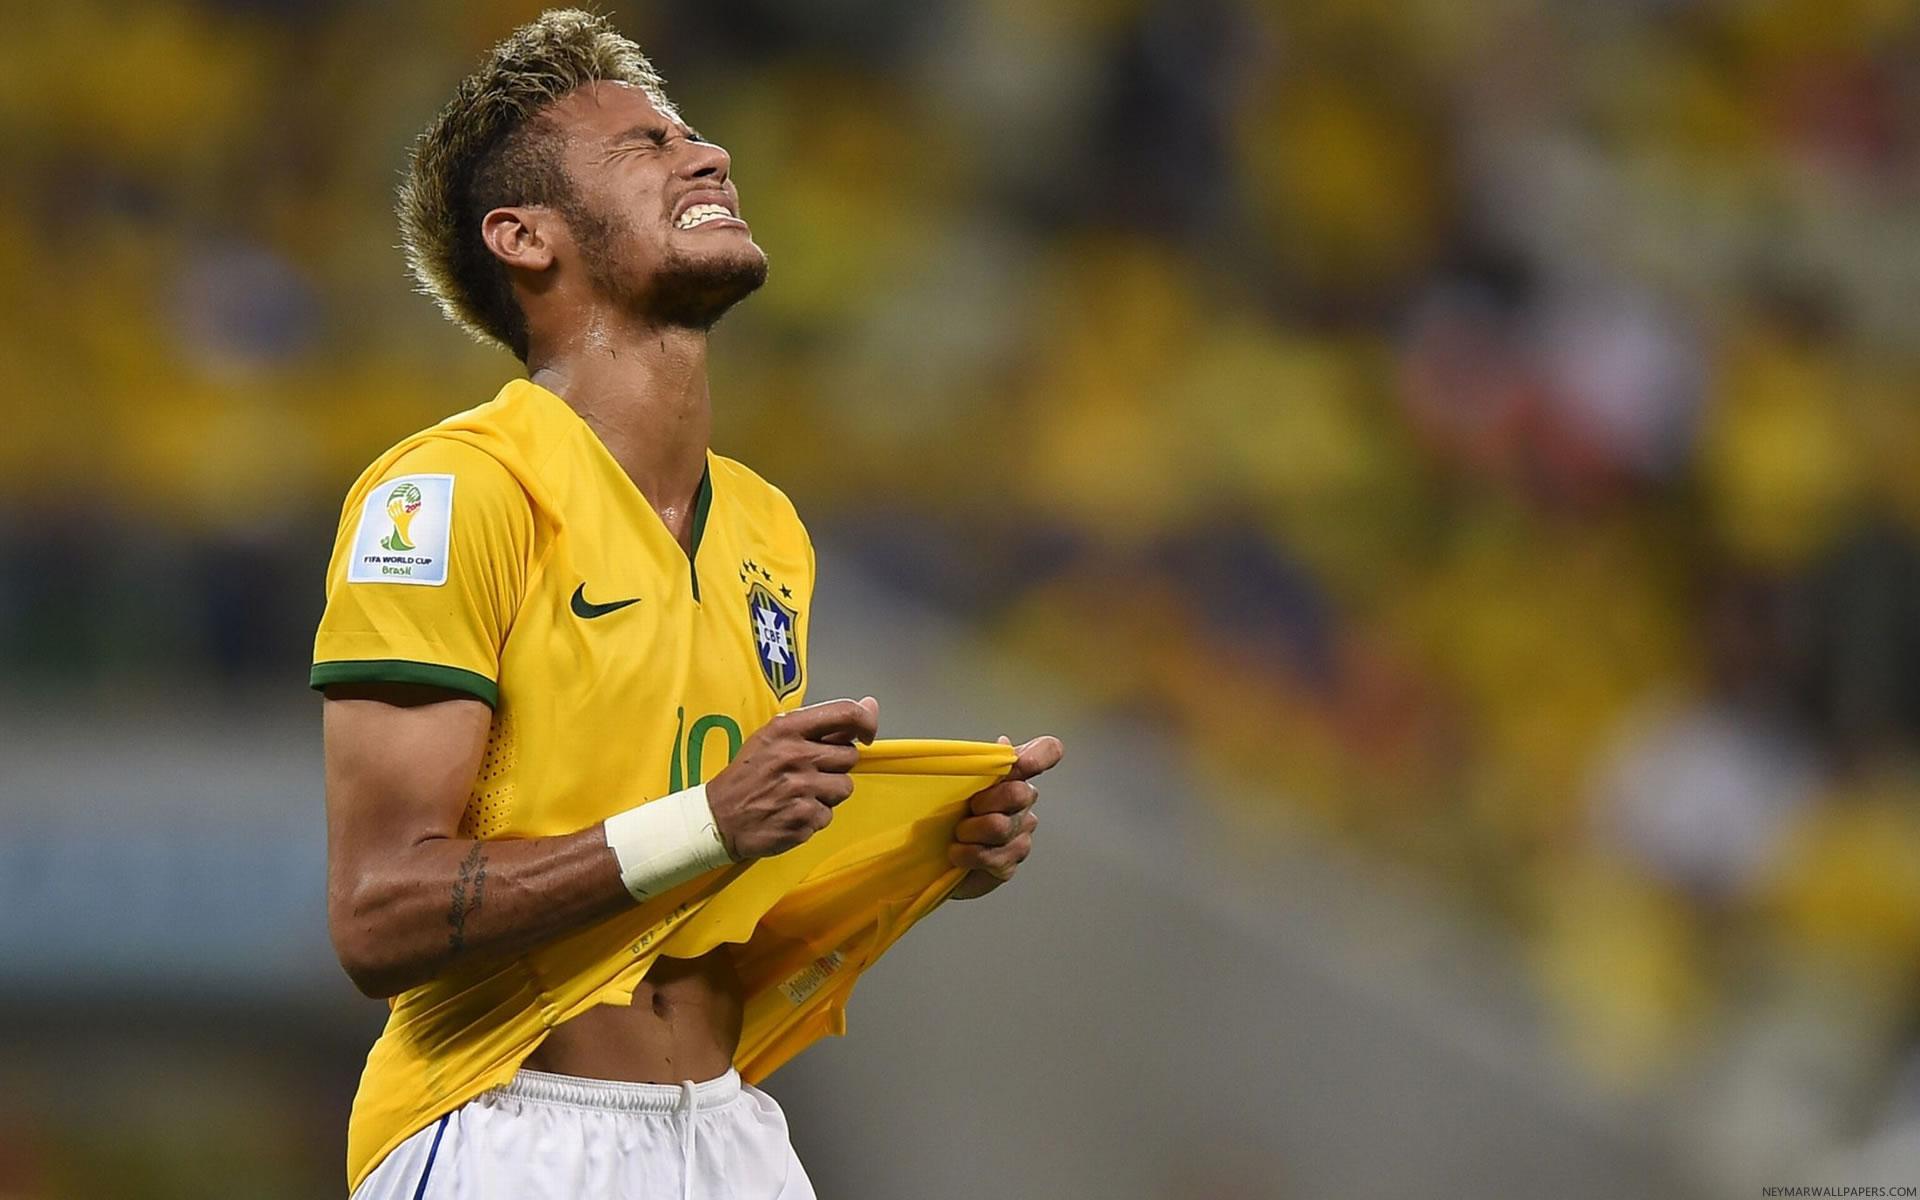 Neymar World Cup 2014 Wallpaper